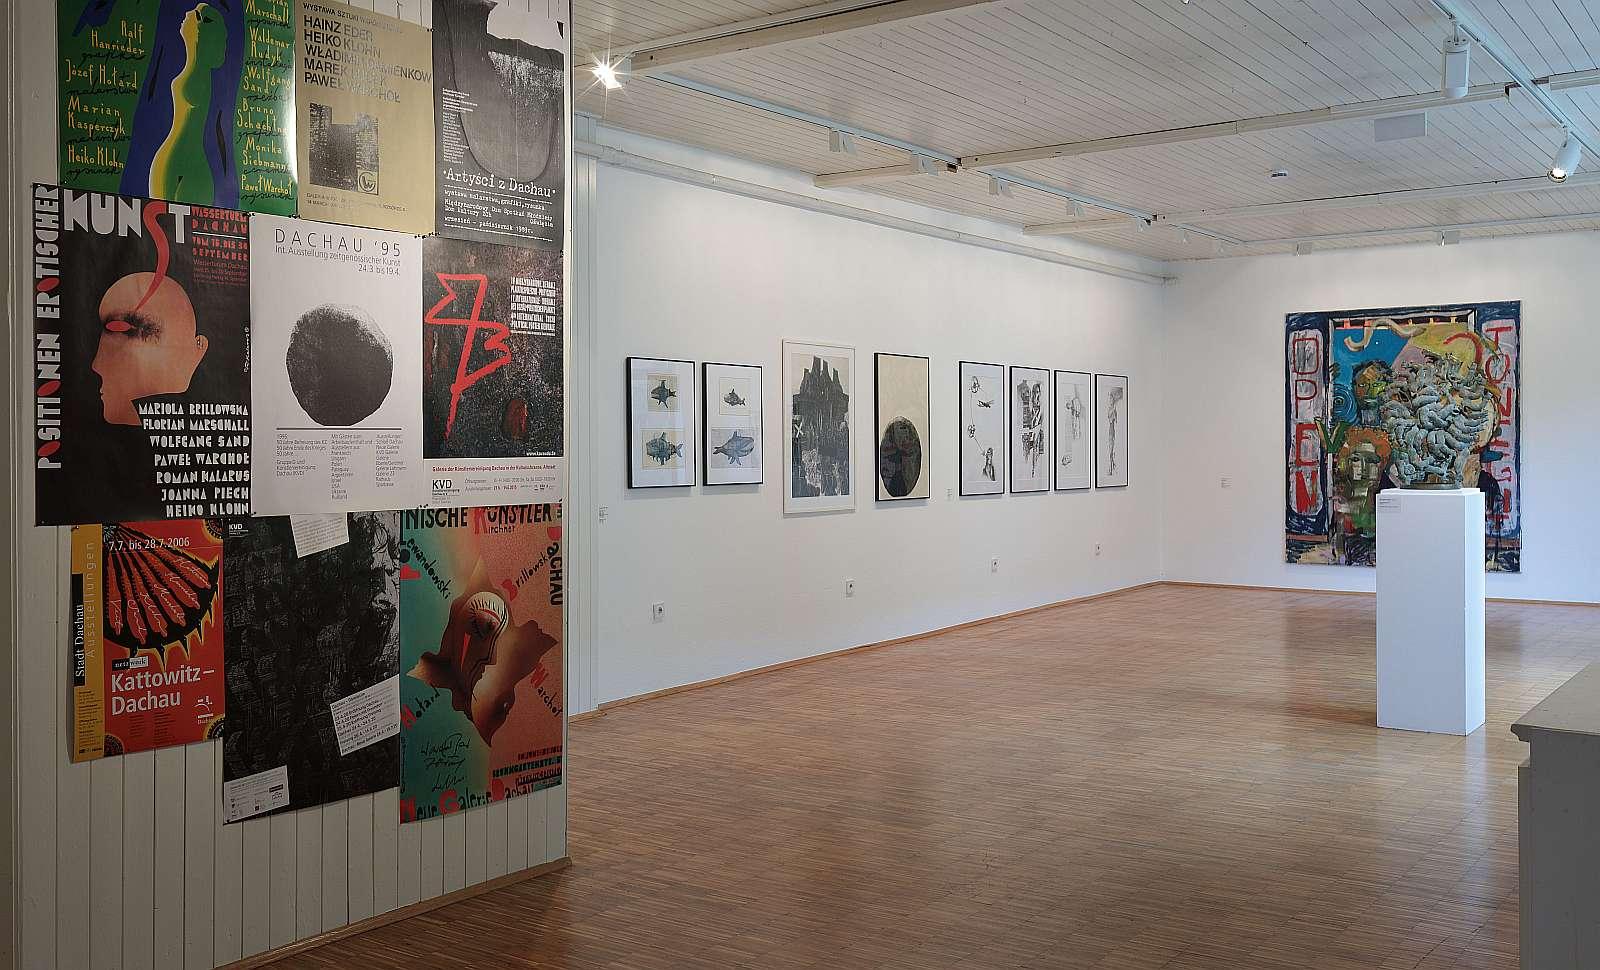 Bilder keiner Ausstellung – Dachau-Oświęcim